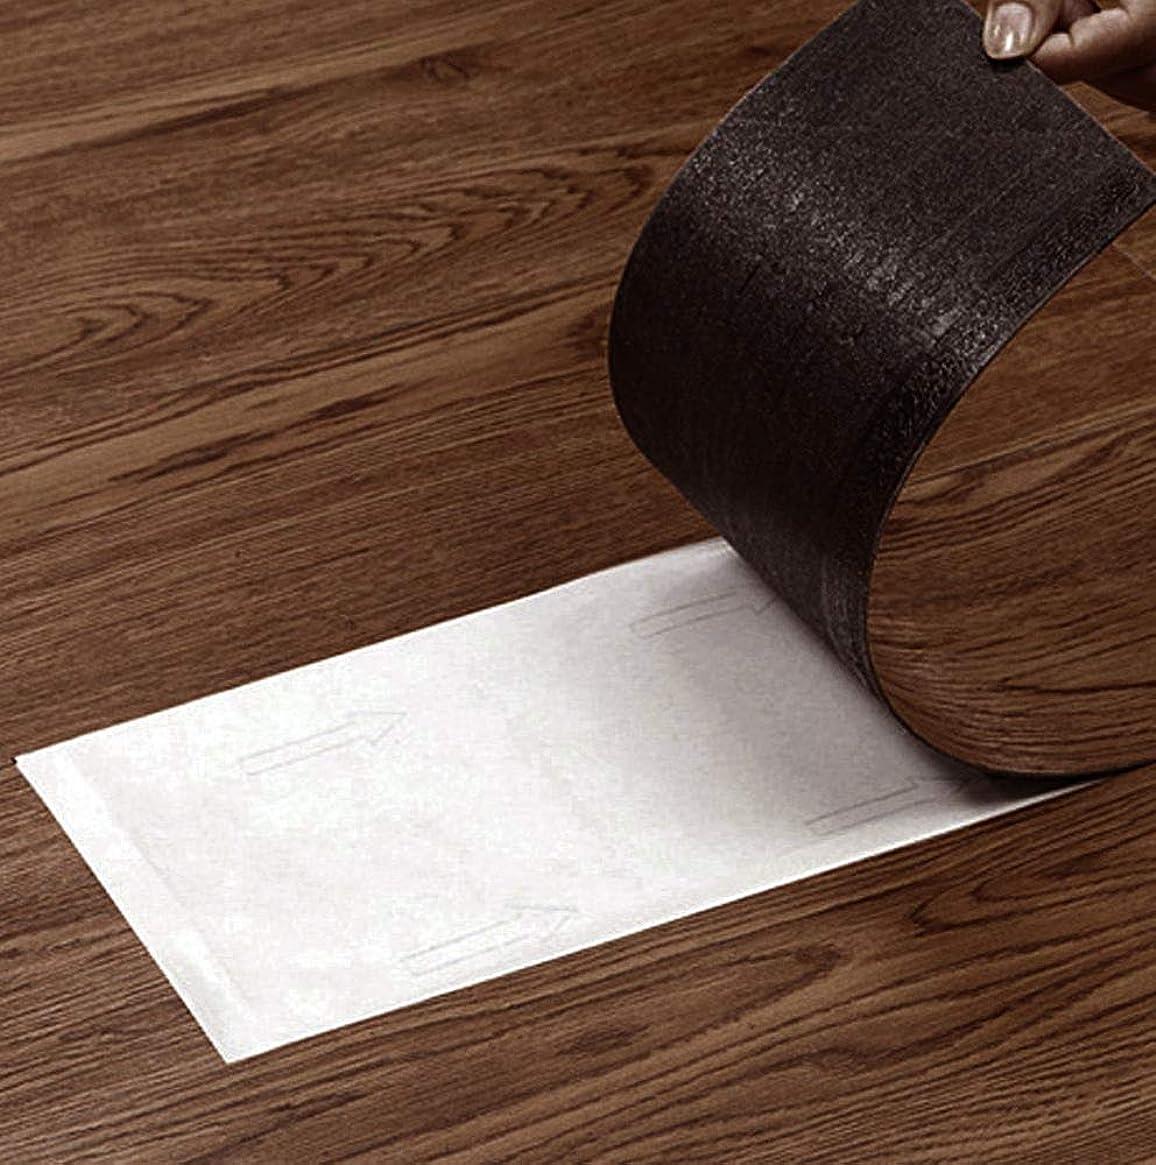 お風呂を持っている読む帽子フロアタイル (パイン P001) 置くだけ はめ込み 接着剤不要 床暖房対応 12枚セット フローリング シデフロア 下地シート付き 防音シート付き ペット対応